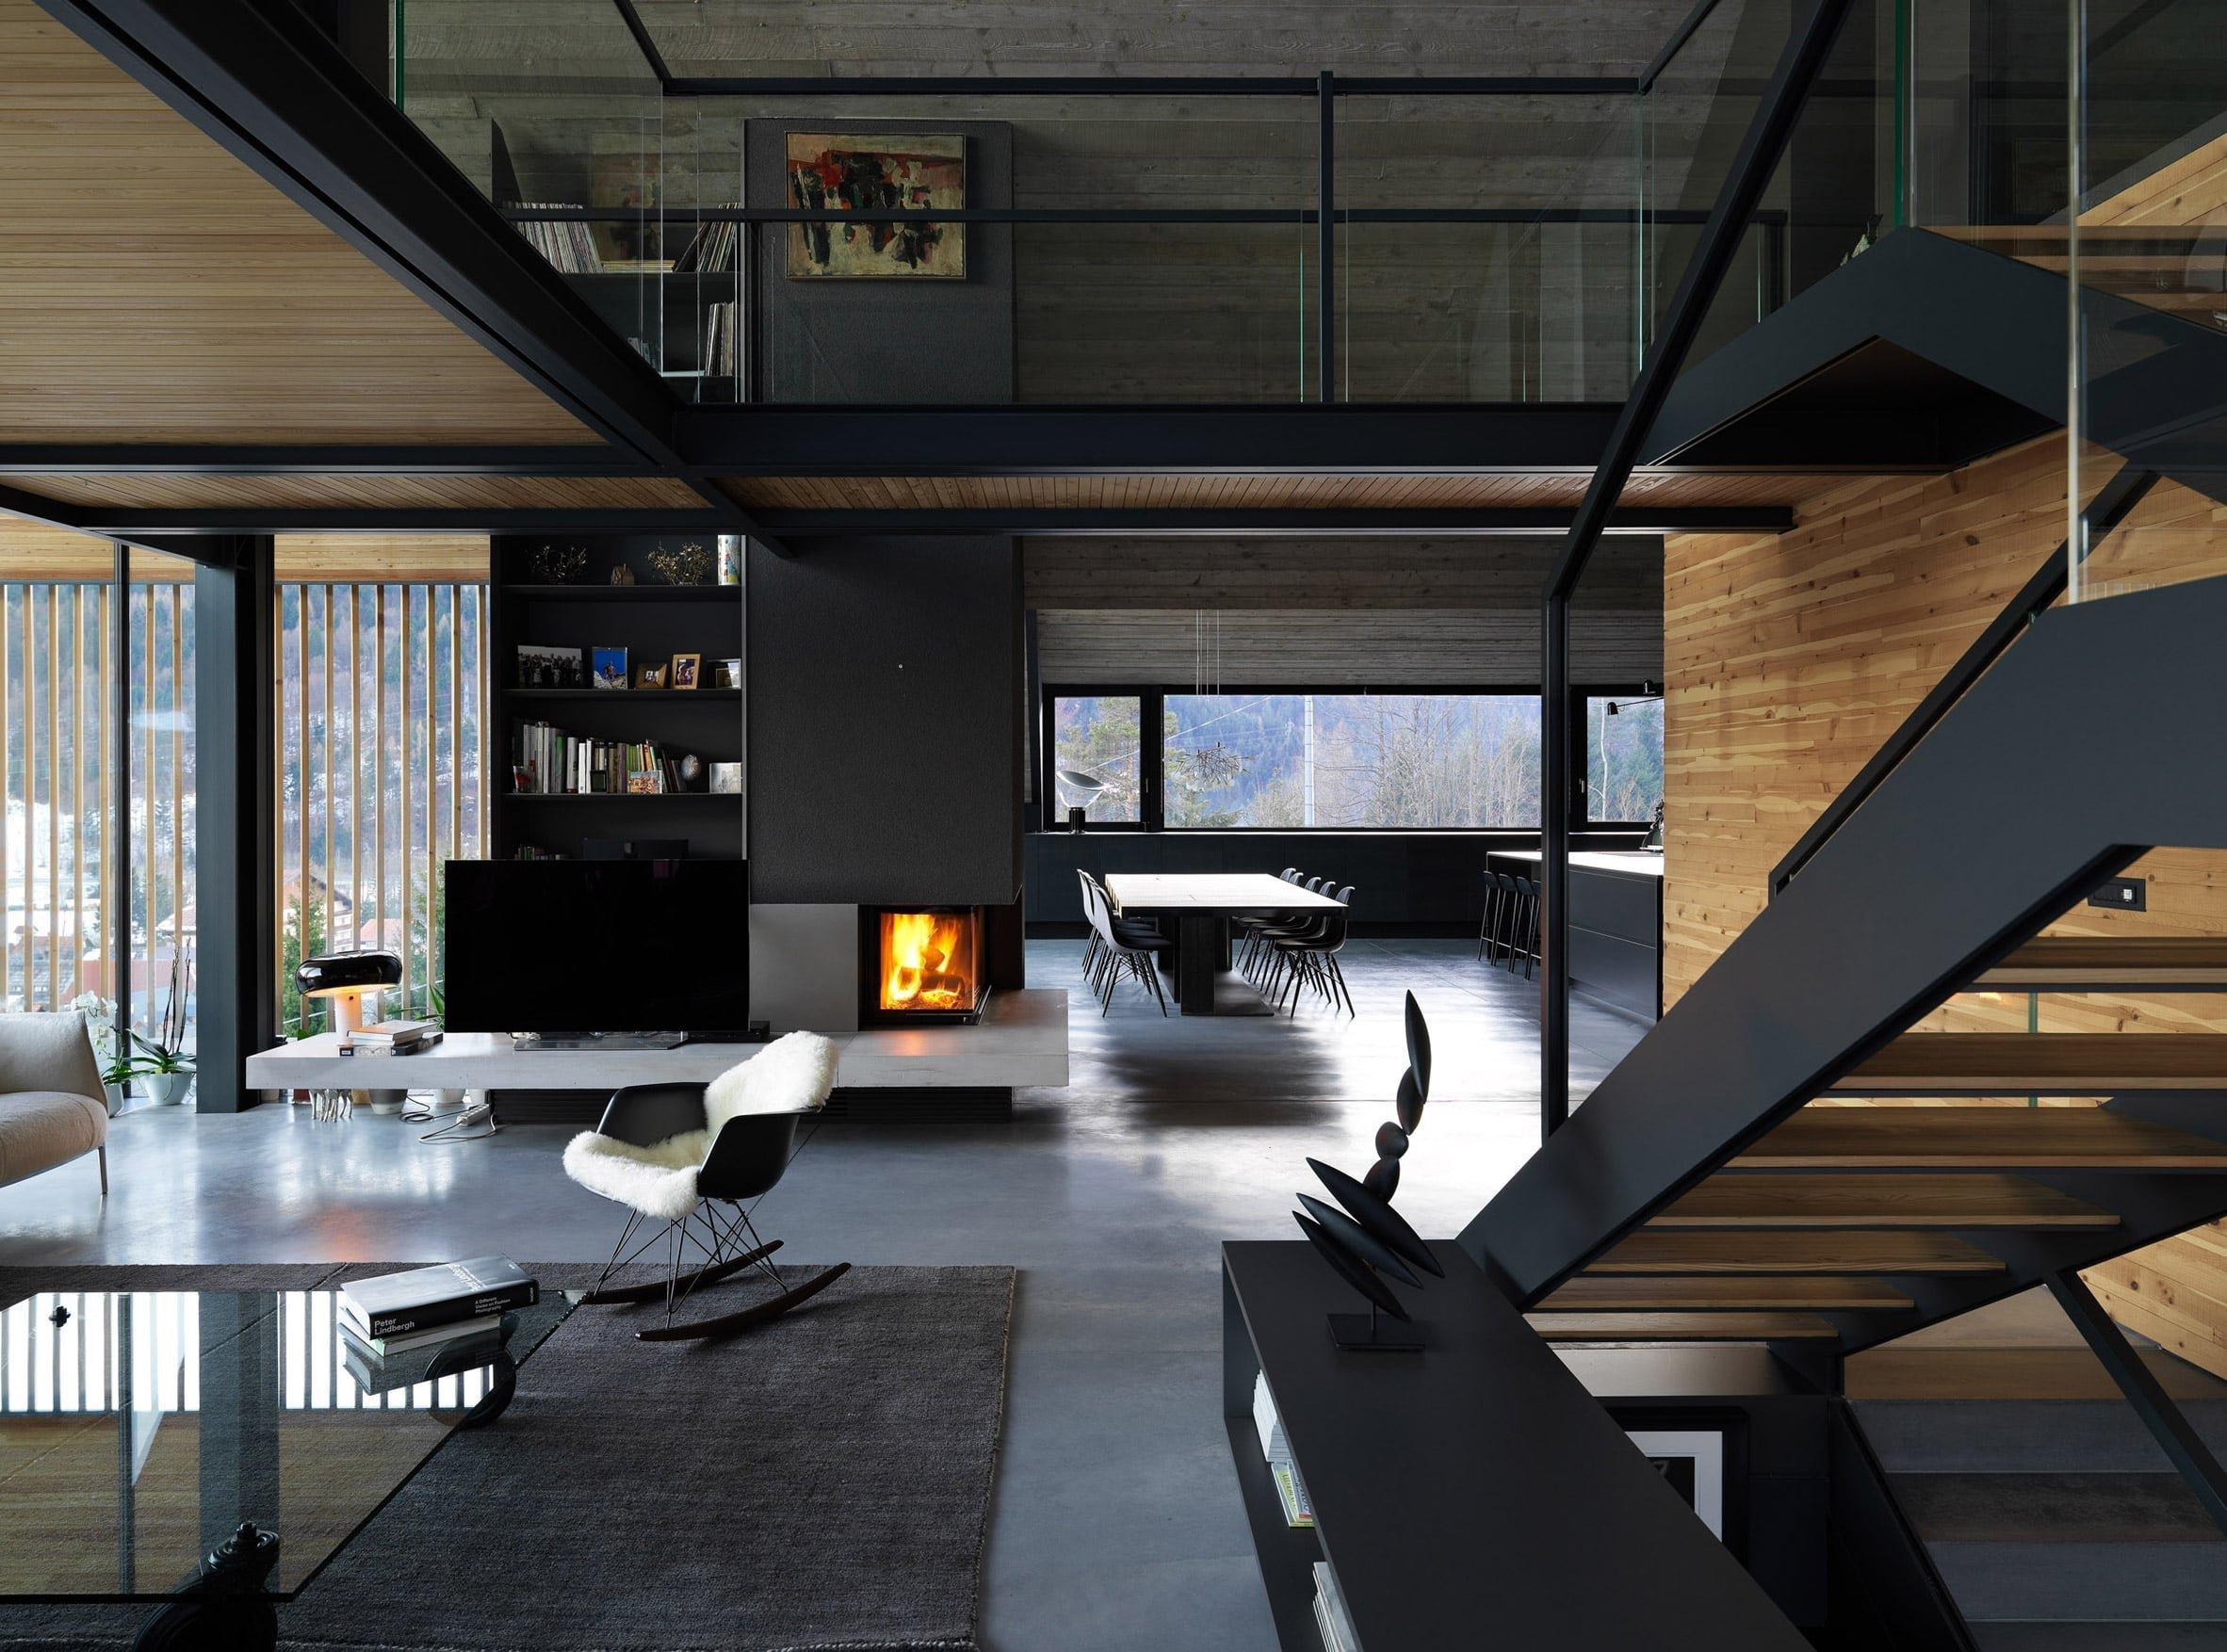 Atelier GEZA navrhl jedinečnou chalupu v italských Alpách, která kontrastuje s okolní krajinou. Exteriér ladí s interiérem, jednoduchý design kombinuje dřevo, kov s moderním nábytkem. V noci je působivým efektem prolínání světel lamp skrze dřevěné lamely. Realizovaný tmavý interiér je pro tento typ moderních interiéru velmi neobvyklý a stylový.